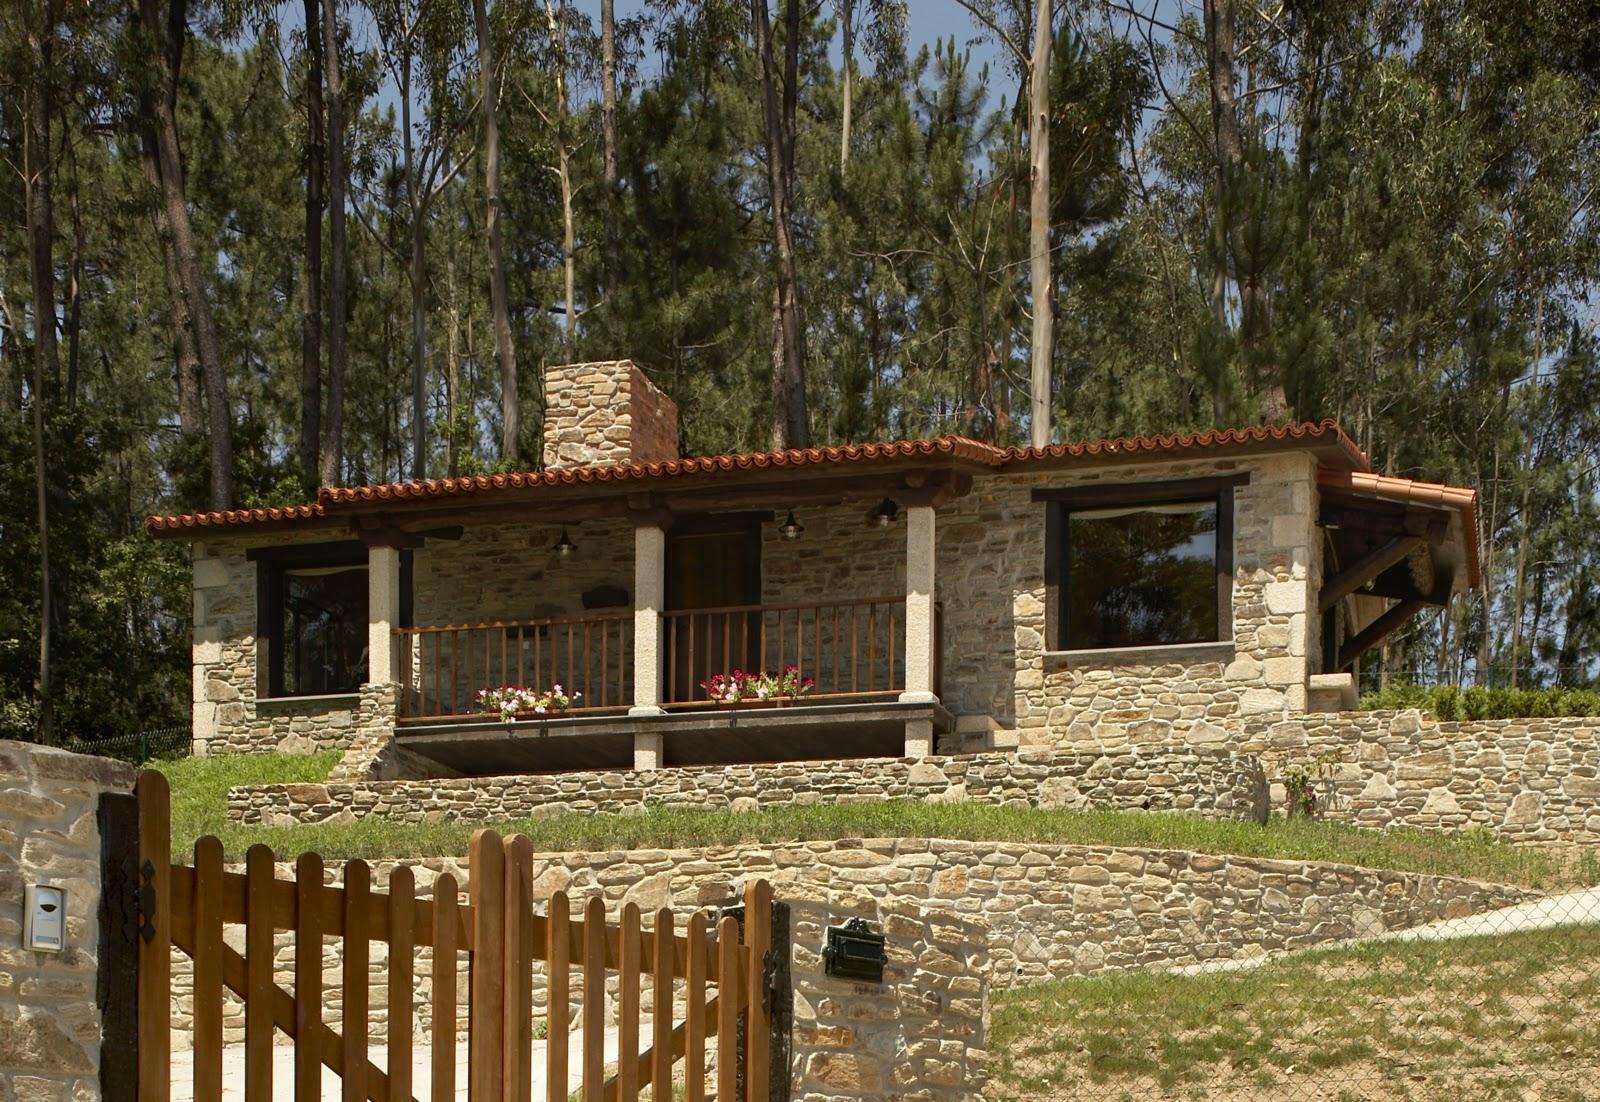 Construcciones r sticas gallegas la piedra como base - Diseno casas rurales ...